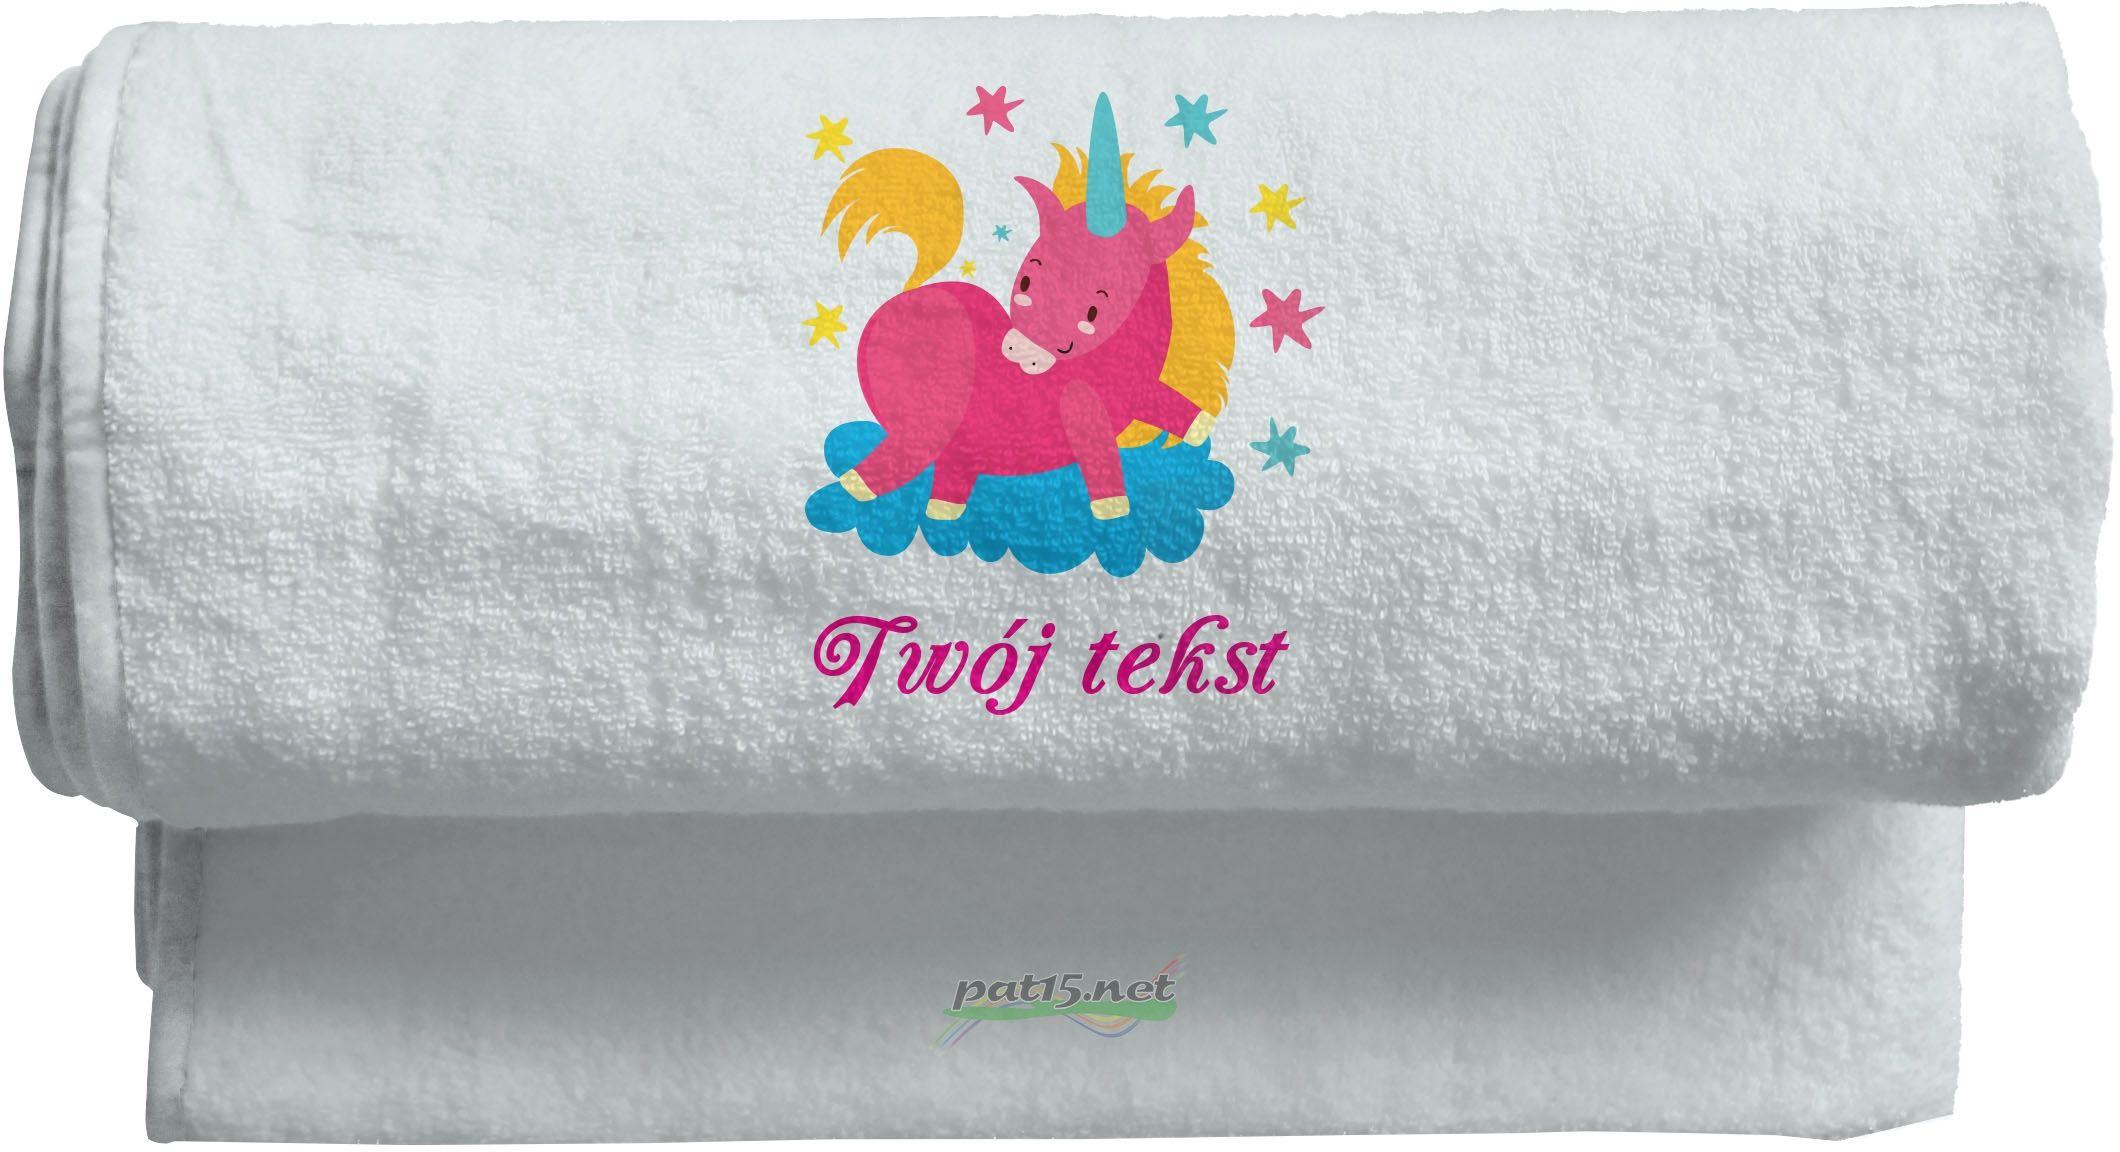 Duży Ręcznik 140x70 z haftem + tekst - Wzór 07